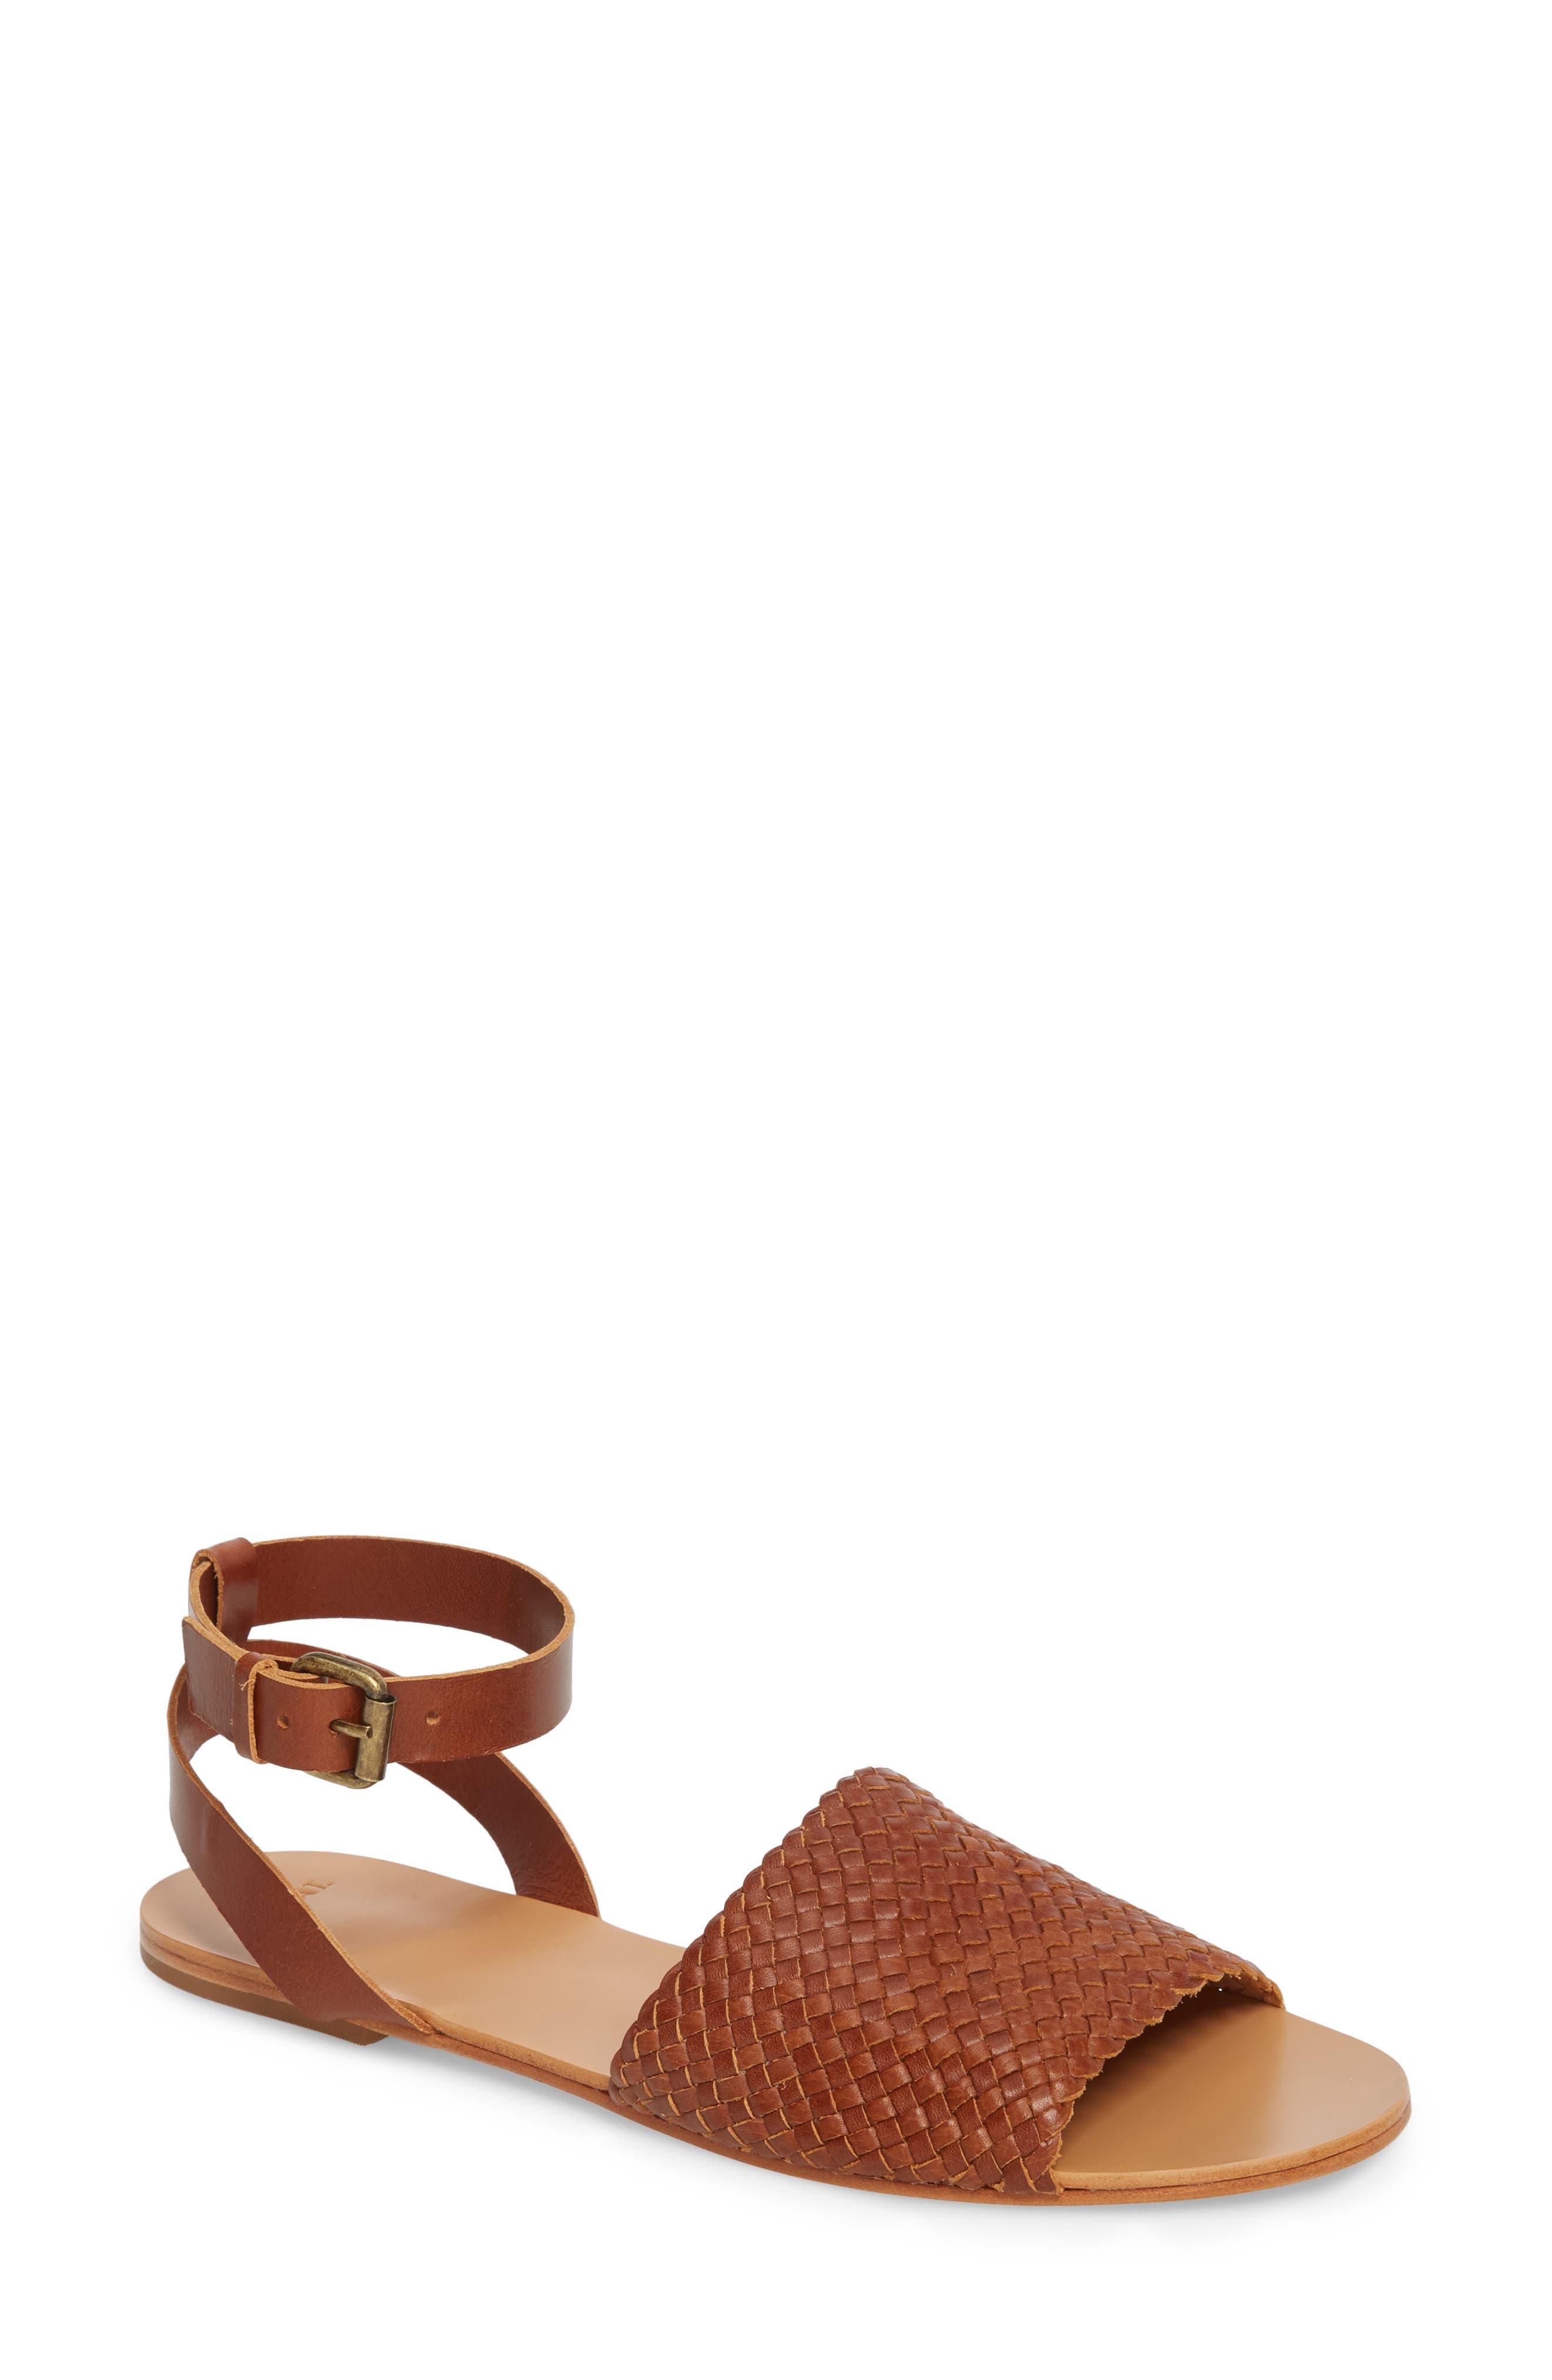 Caravan Ankle Strap Sandal, Cognac